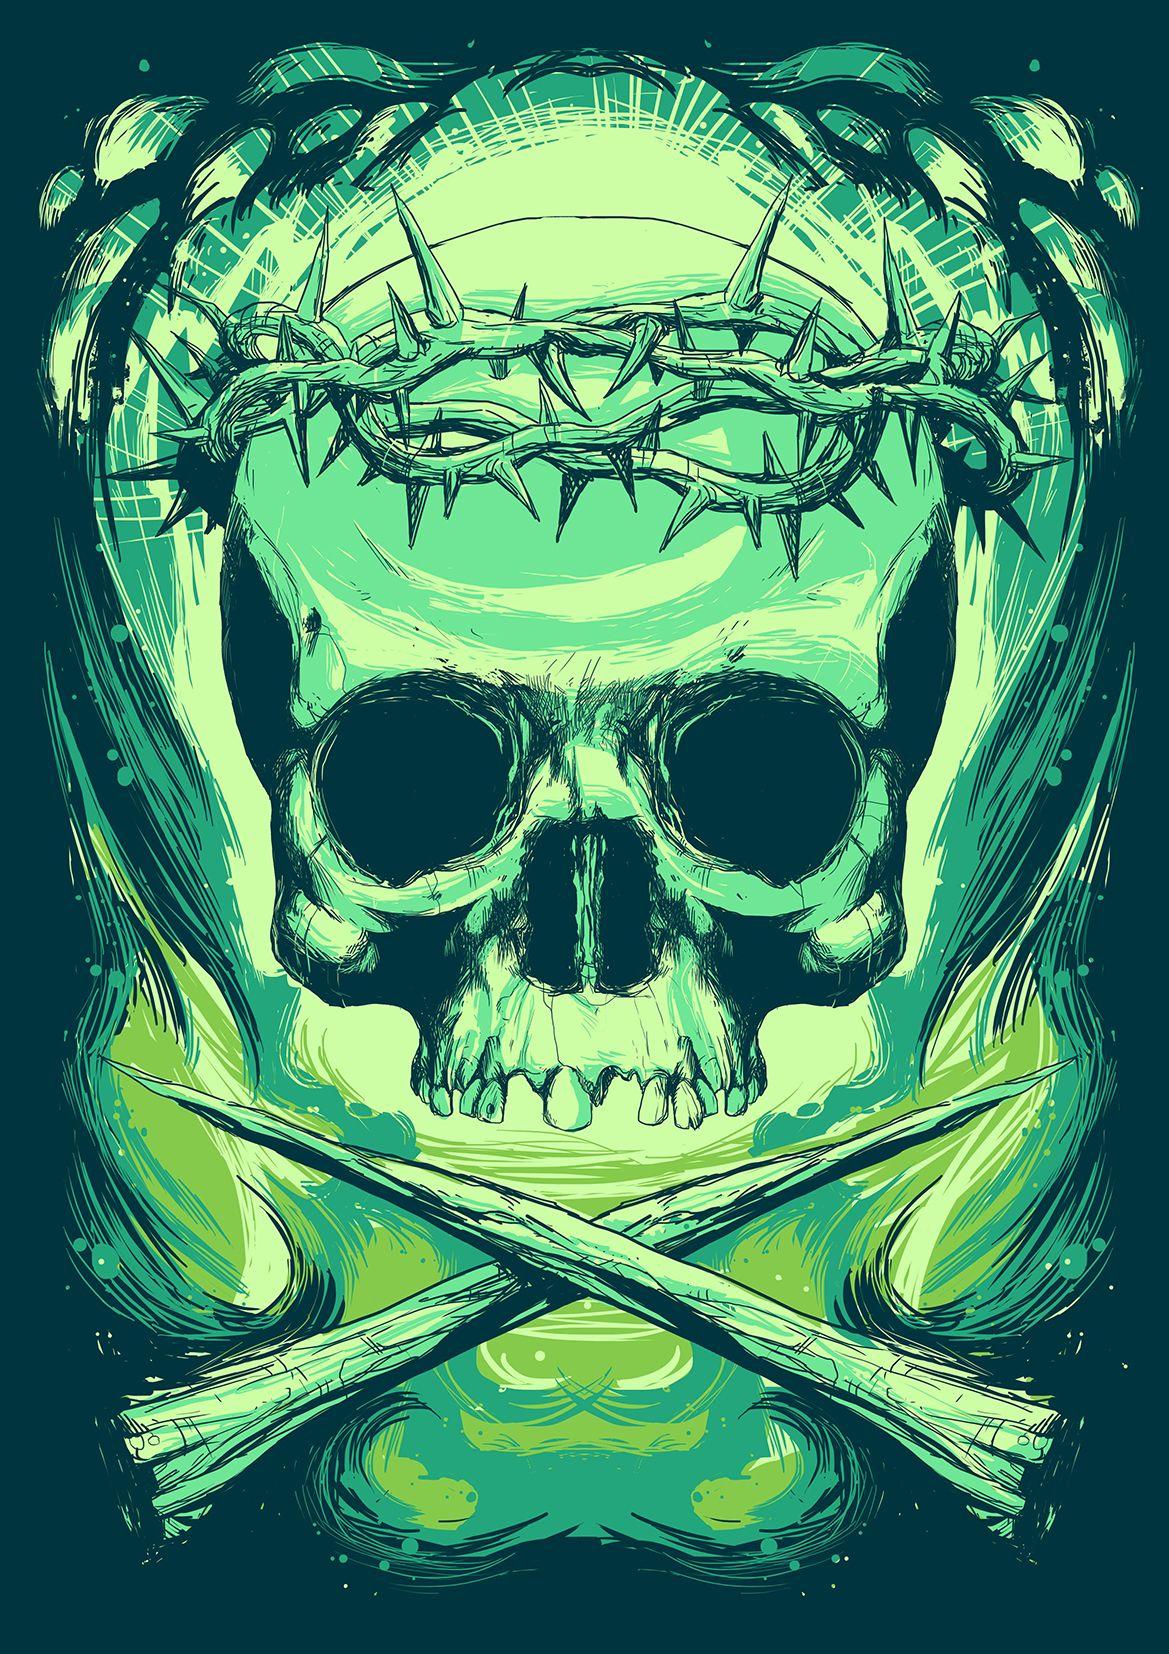 Jesus Skull - The New Custom on Behance | #Skulls | Pinterest ...